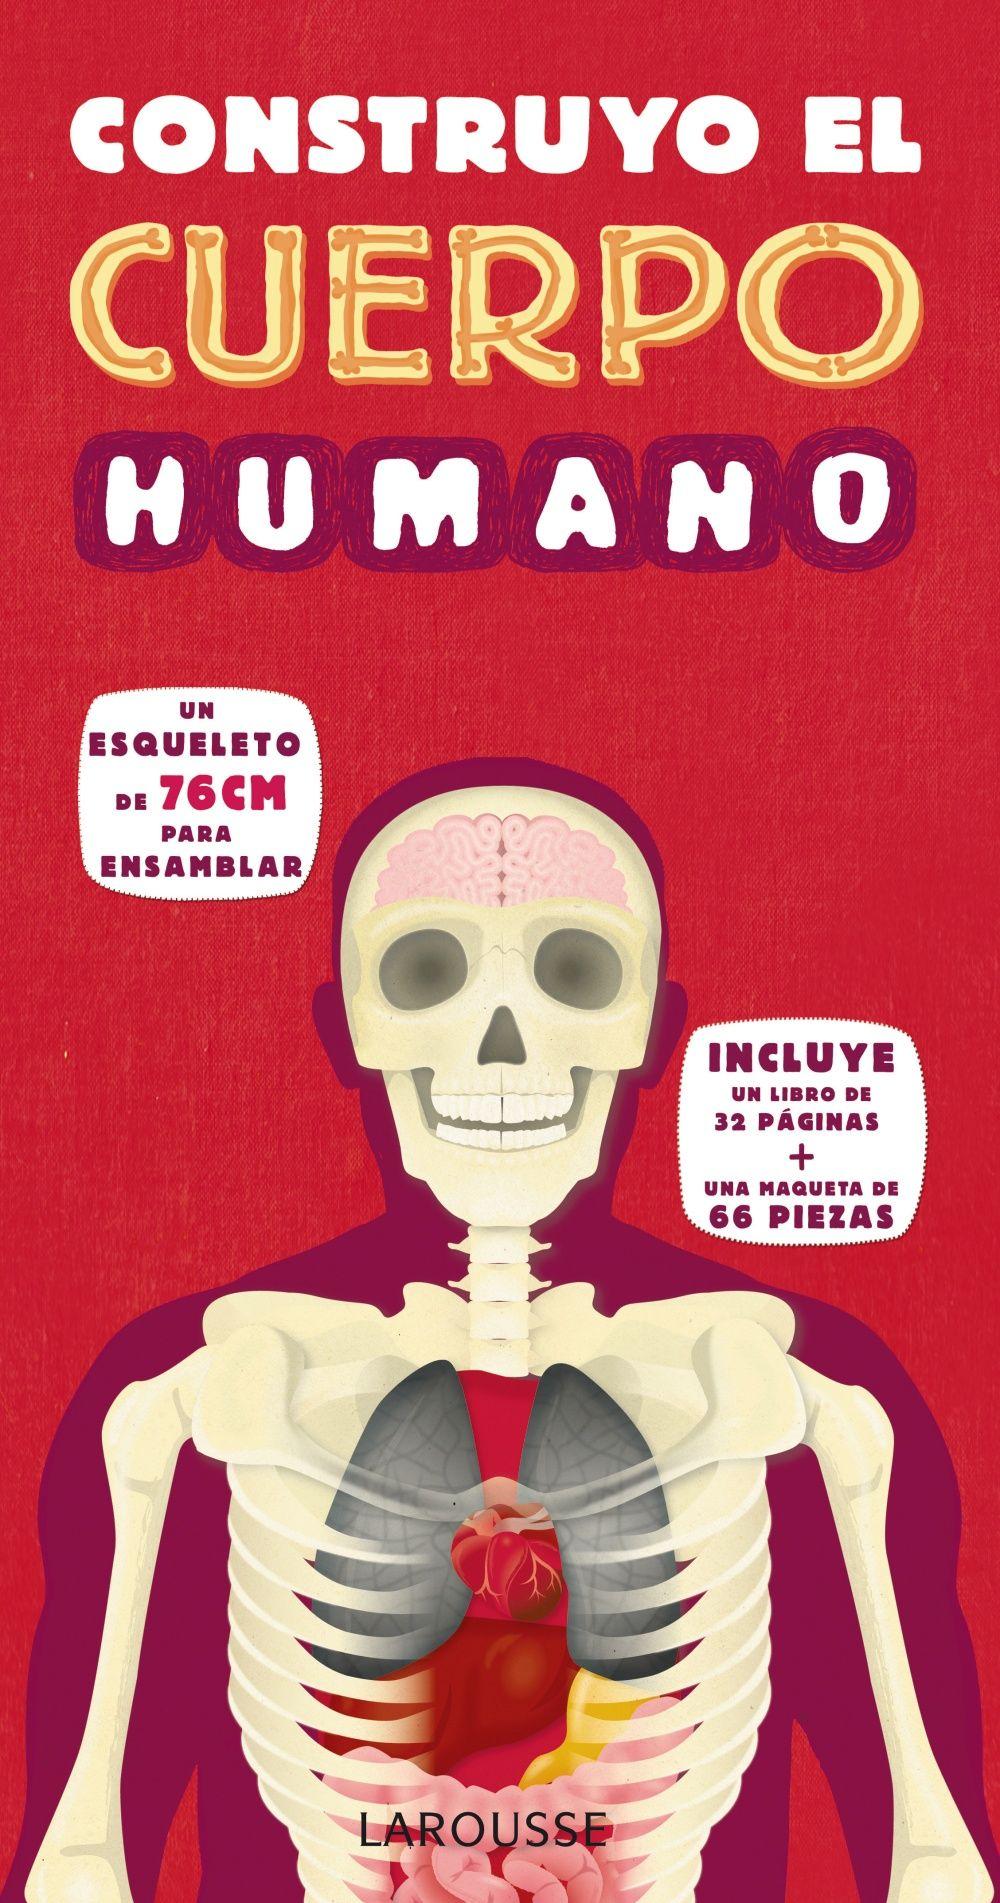 Con esta guía única interactiva del cuerpo humano, construirás la maqueta de un esqueleto humano, situarás los órganos del cuerpo y aprenderás datos fascinantes sobre cómo funciona el cuerpo. ¿Por qué late el corazón 70 veces por minuto? ¿Cómo te ...